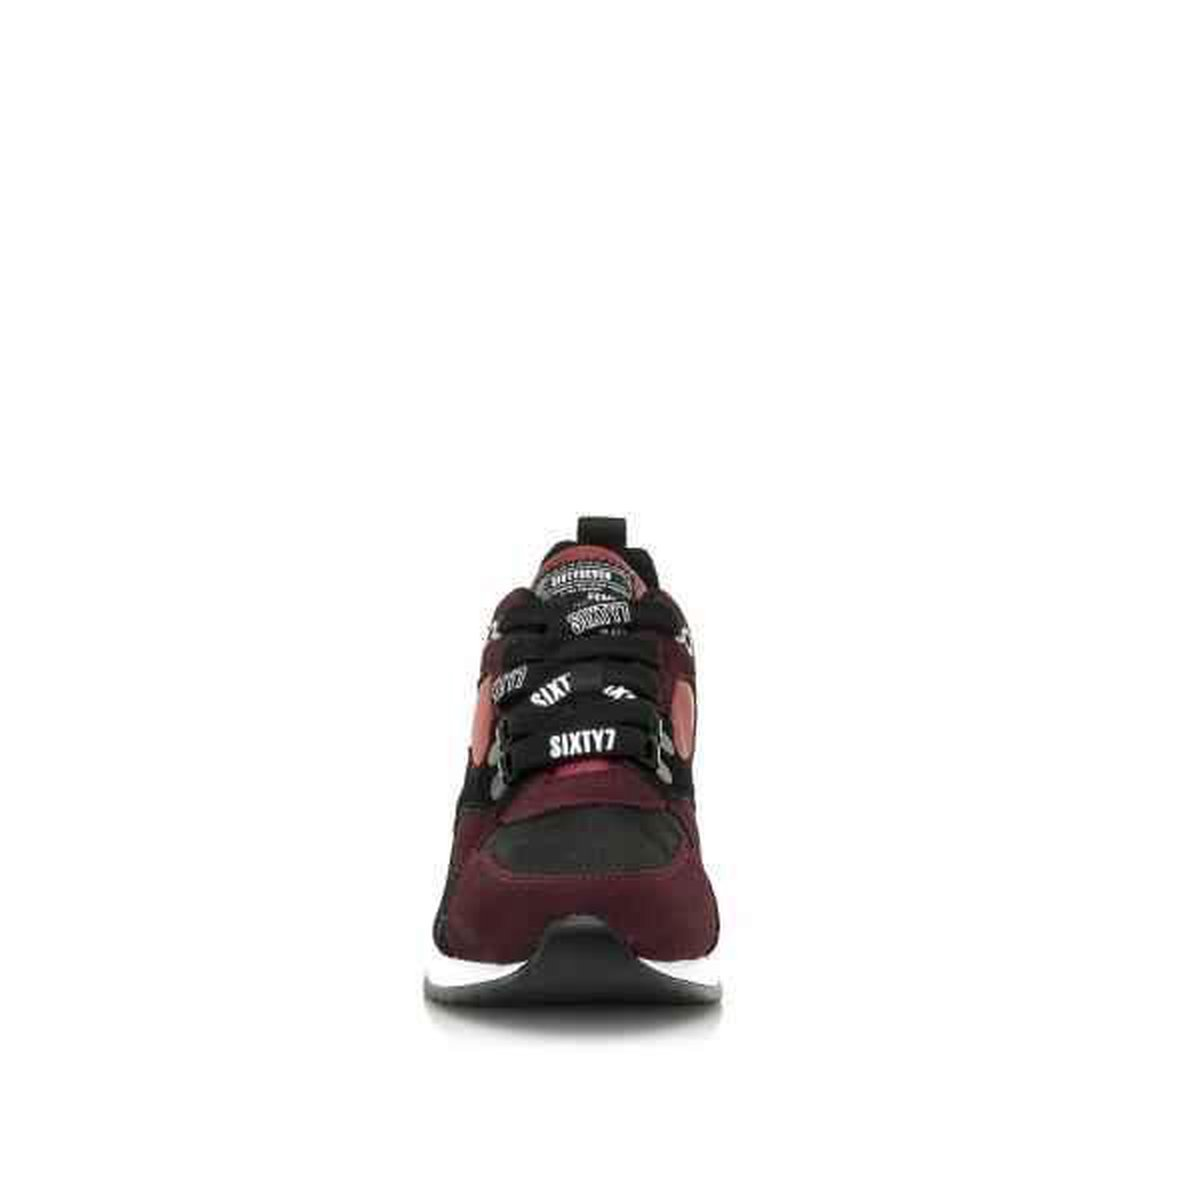 Sixtyseven - Damesschoenen - 30213 Leonel - rood - maat 39 Bbn1r